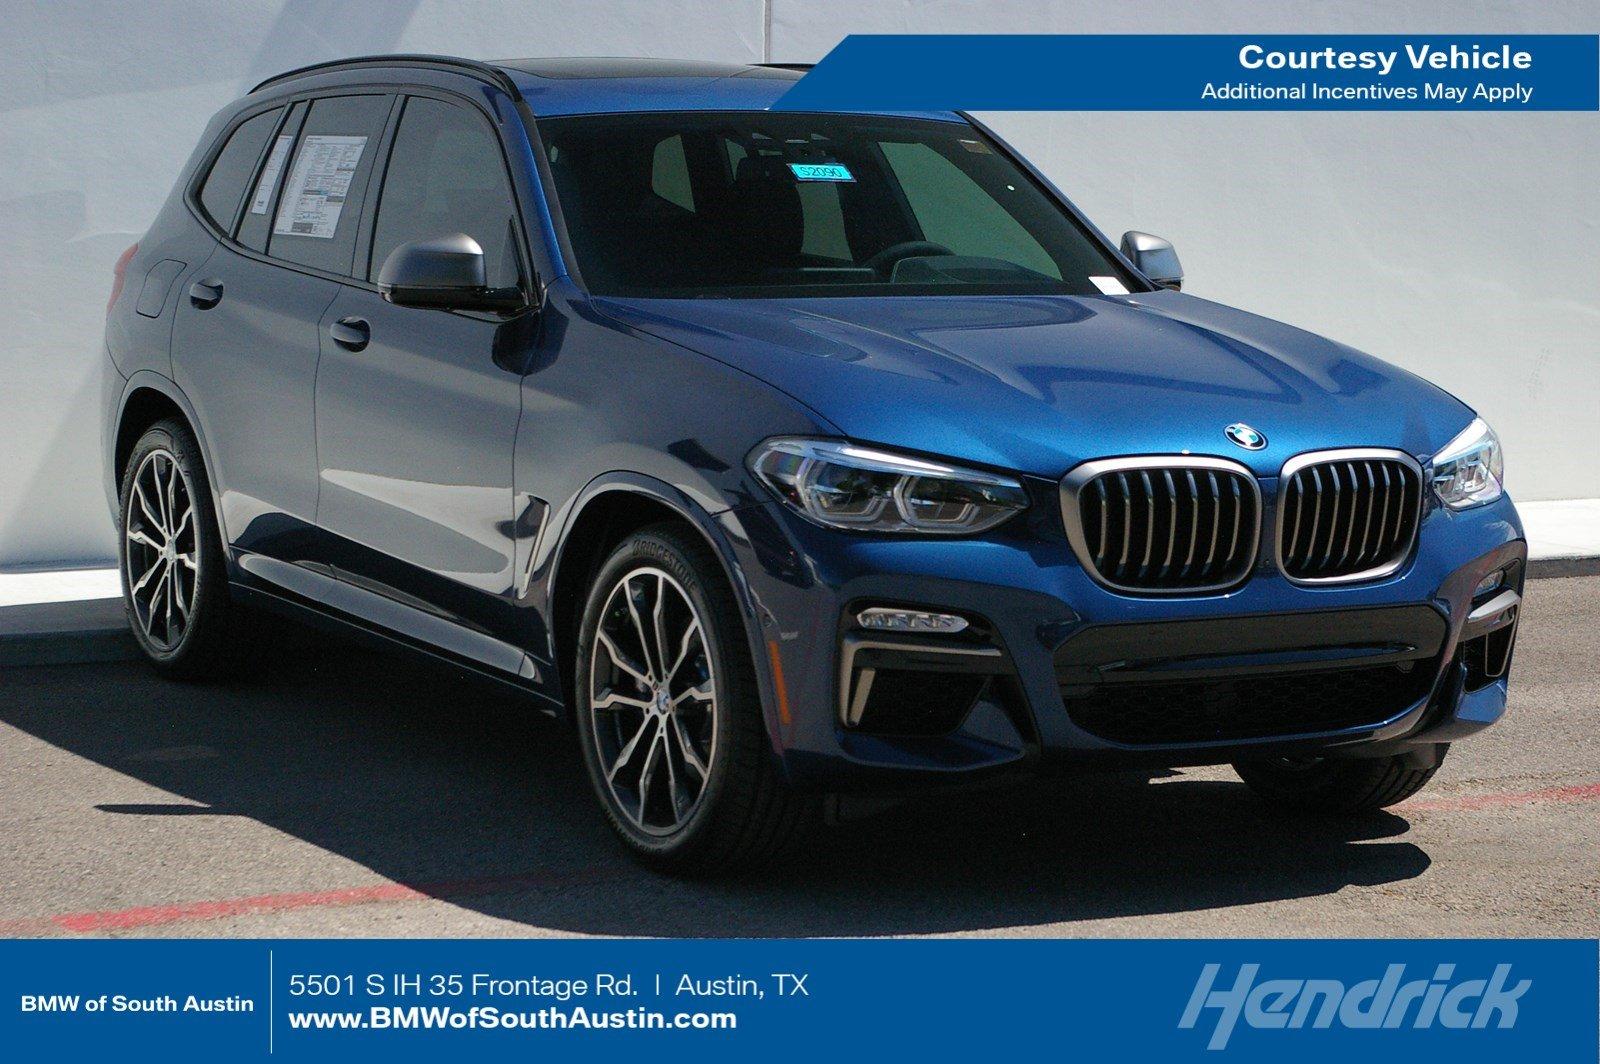 2019 BMW X3 in Austin - BMW of South Austin